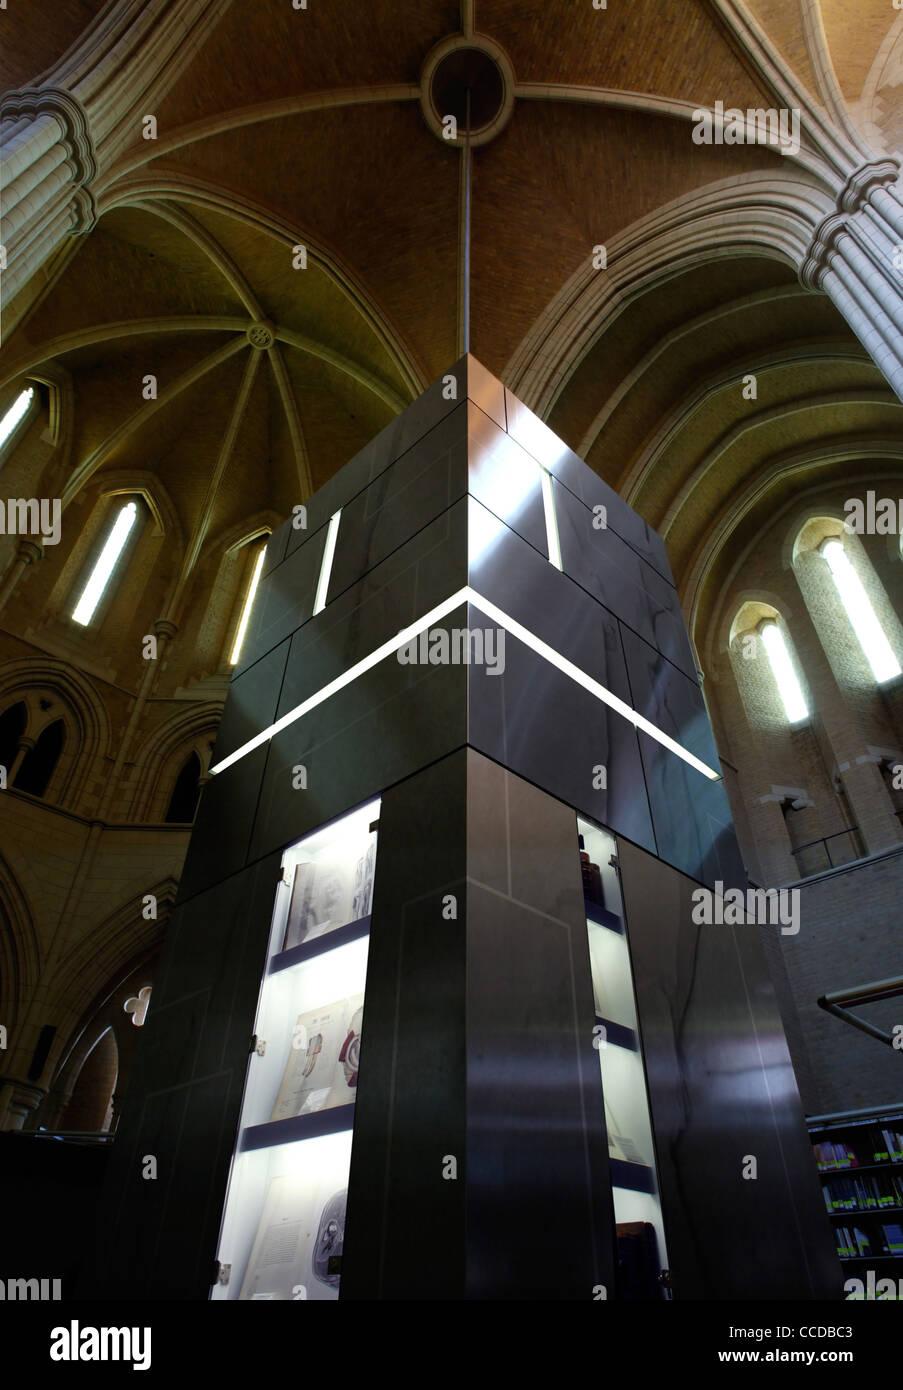 AMBIGUOUS OBJECT ELEVATION - Stock Image